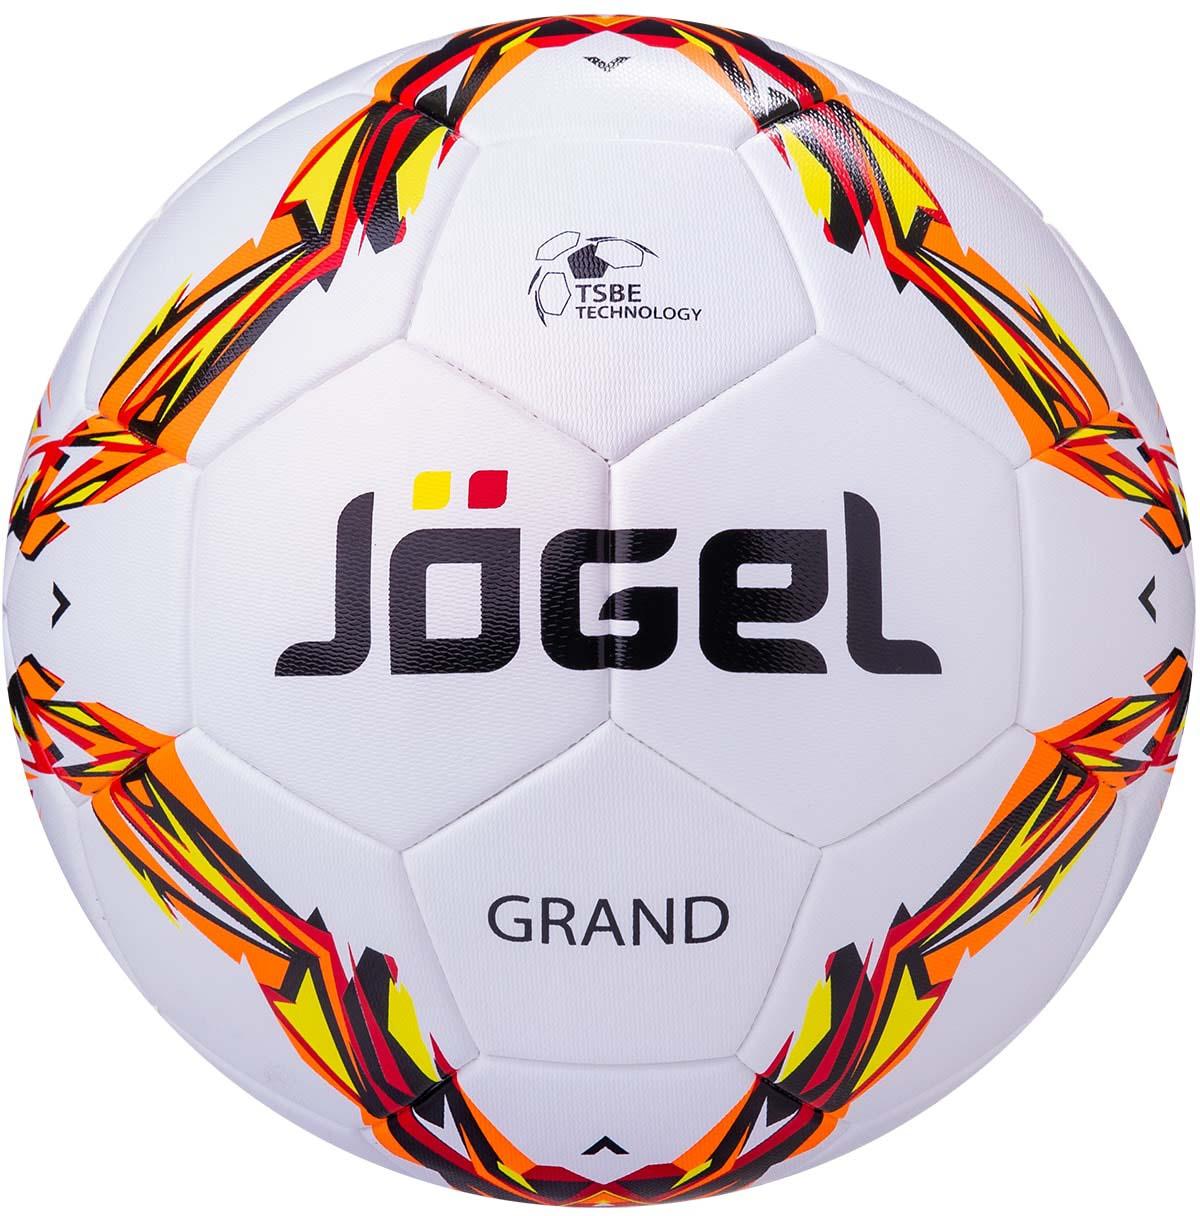 """Мяч футбольный Jogel JS-1000 Grand №5 Категория: Профессиональный мяч Коллекция: 2017/2018 Описание: Jogel JS-1000 Grand - профессиональный футбольный мяч, сделанный по технологии термосклеивания TSBE Technology. Благодаря этому, мяч обладает идеально круглой формой, герметичен и практически не пропускает влагу вовнутрь, а давление в мяче распределяется равномерно.  Поверхность мяча выполнена из высококачественной синтетической кожи (полиуретан) толщиной 3.0 мм и обладает текстурной поверхностью, улучшающий контроль мяча при любых погодных условиях. Мяч оснащен бутиловой камерой, армированной синтетической нитью, благодаря чему обеспечивается отличный баланс и долгое сохранение воздуха в камере. Данный мяч поставляется с завода-изготовителя в приспущенном состоянии для безопасной транспортировки и хранения. Не рекомендуется спускать данные мячи, во избежание нарушения термосшивки панелей. Рекомендован для тренировок и соревнований команд высокого уровня. Уникальной особенностью, характерной для бренда Jogel, является традиционная конструкция мячей из 30 панелей. Привлекательный дизайн Коллекции 2017/2018 ярко выделяет мячи Jogel на витрине. Данный мяч подходит для поставок на гос. тендеры. Официальный размер и вес FIFA.  Полезная статья """"Как выбрать футбольный мяч"""".  TSBE Technology.png  оптимальный отскок улучшенный контроль мяча минимальное влагопоглощение Рекомендованные покрытия: натуральный газон, синтетическая трава  Материал поверхности: Синтетическая кожа (полиуретан) толщиной 3.0 мм Материал камеры: Бутил Тип соединения панелей: Термосклеивание (термосшивка) Количество панелей: 30 Размер: 5"""